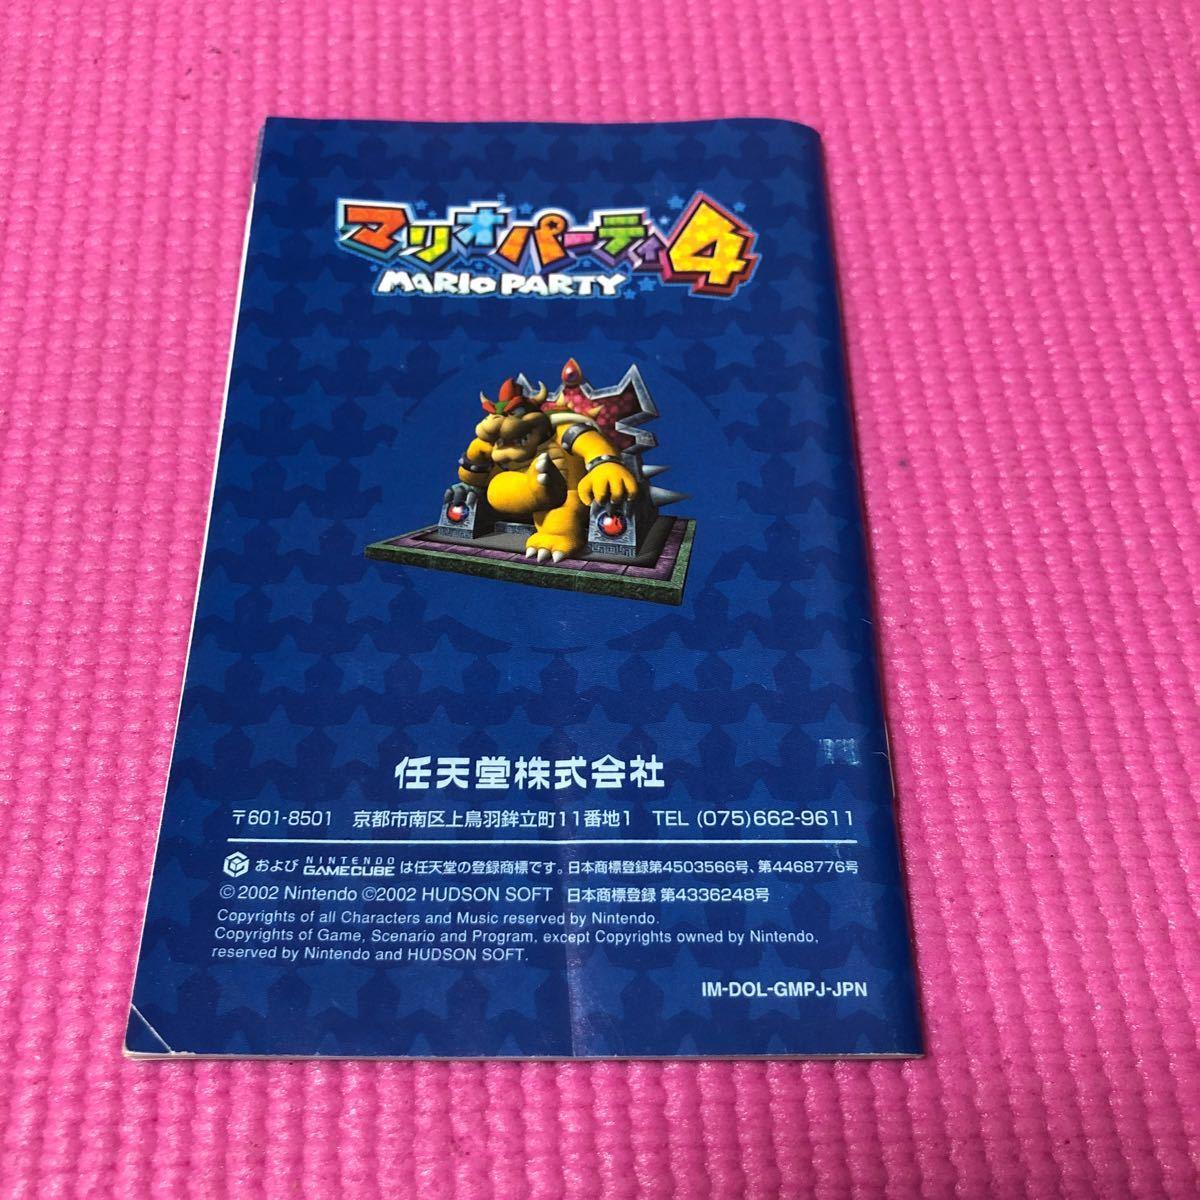 ゲームキューブ マリオパーティ4